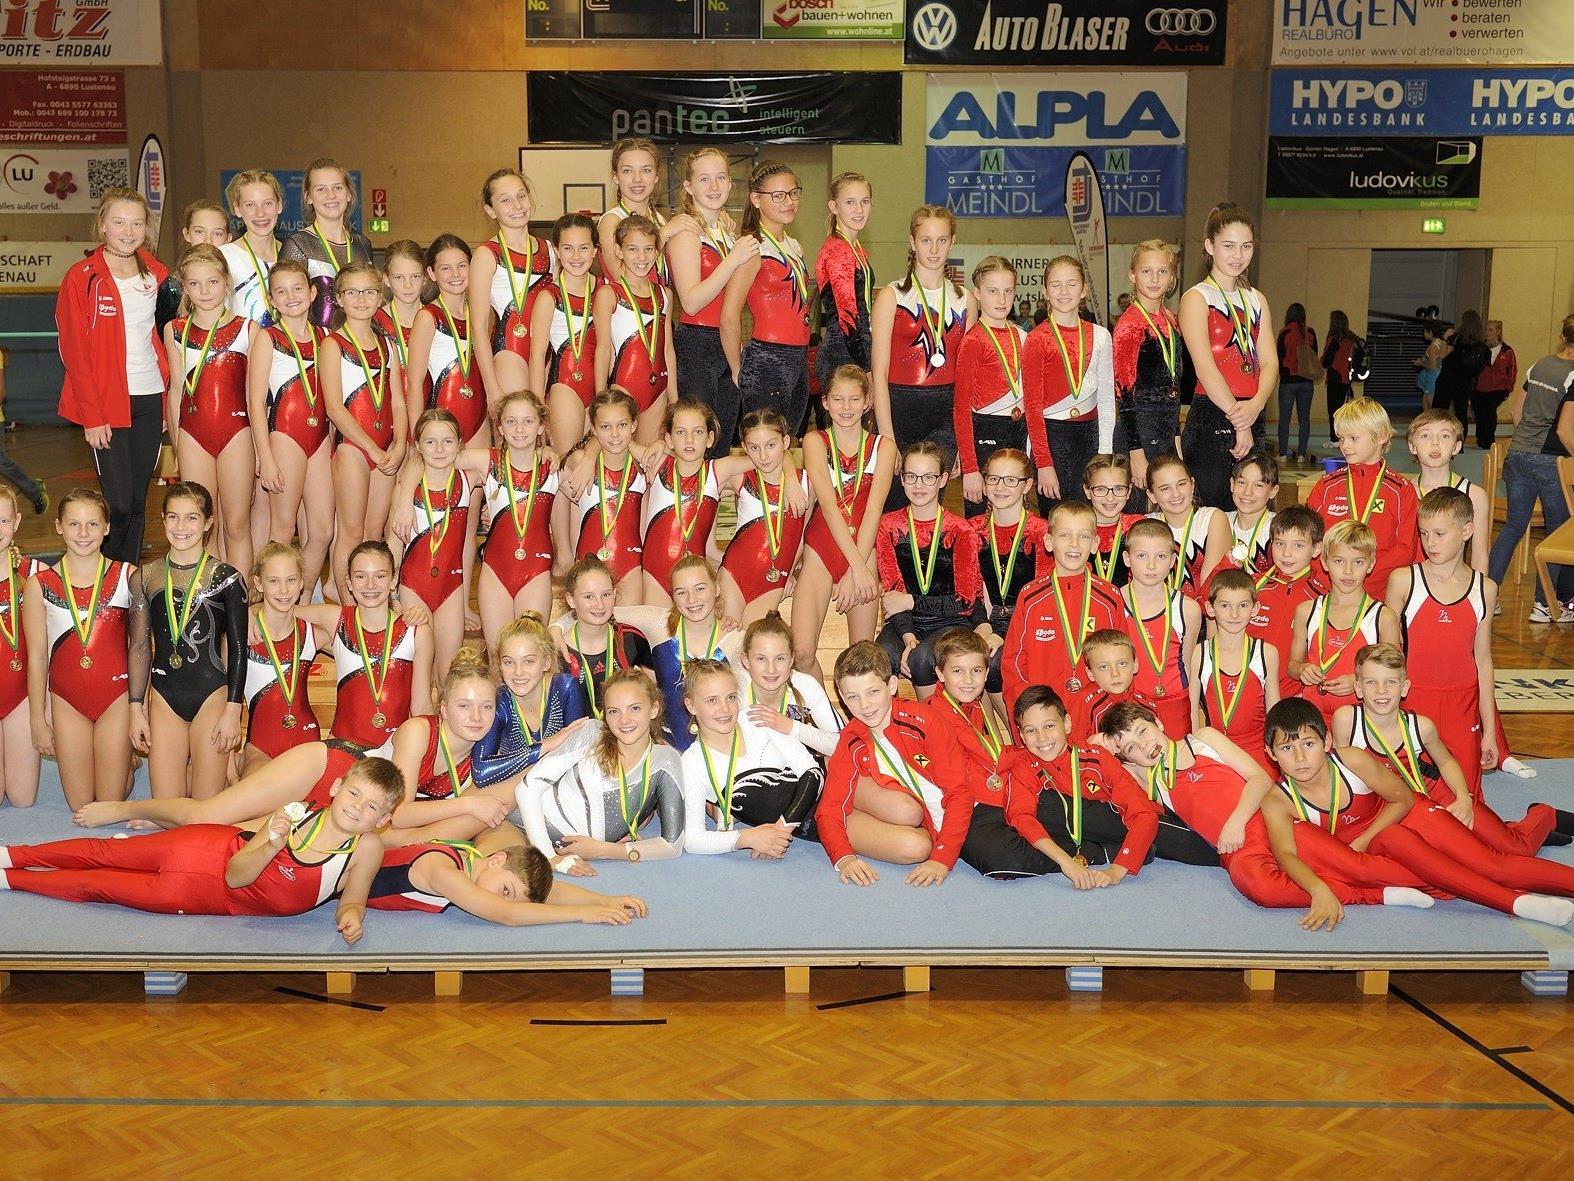 Etwa die Hälfte der Teilnehmer des Turnsportzentrums Dornbirn - die zweite Wettkampfrunde